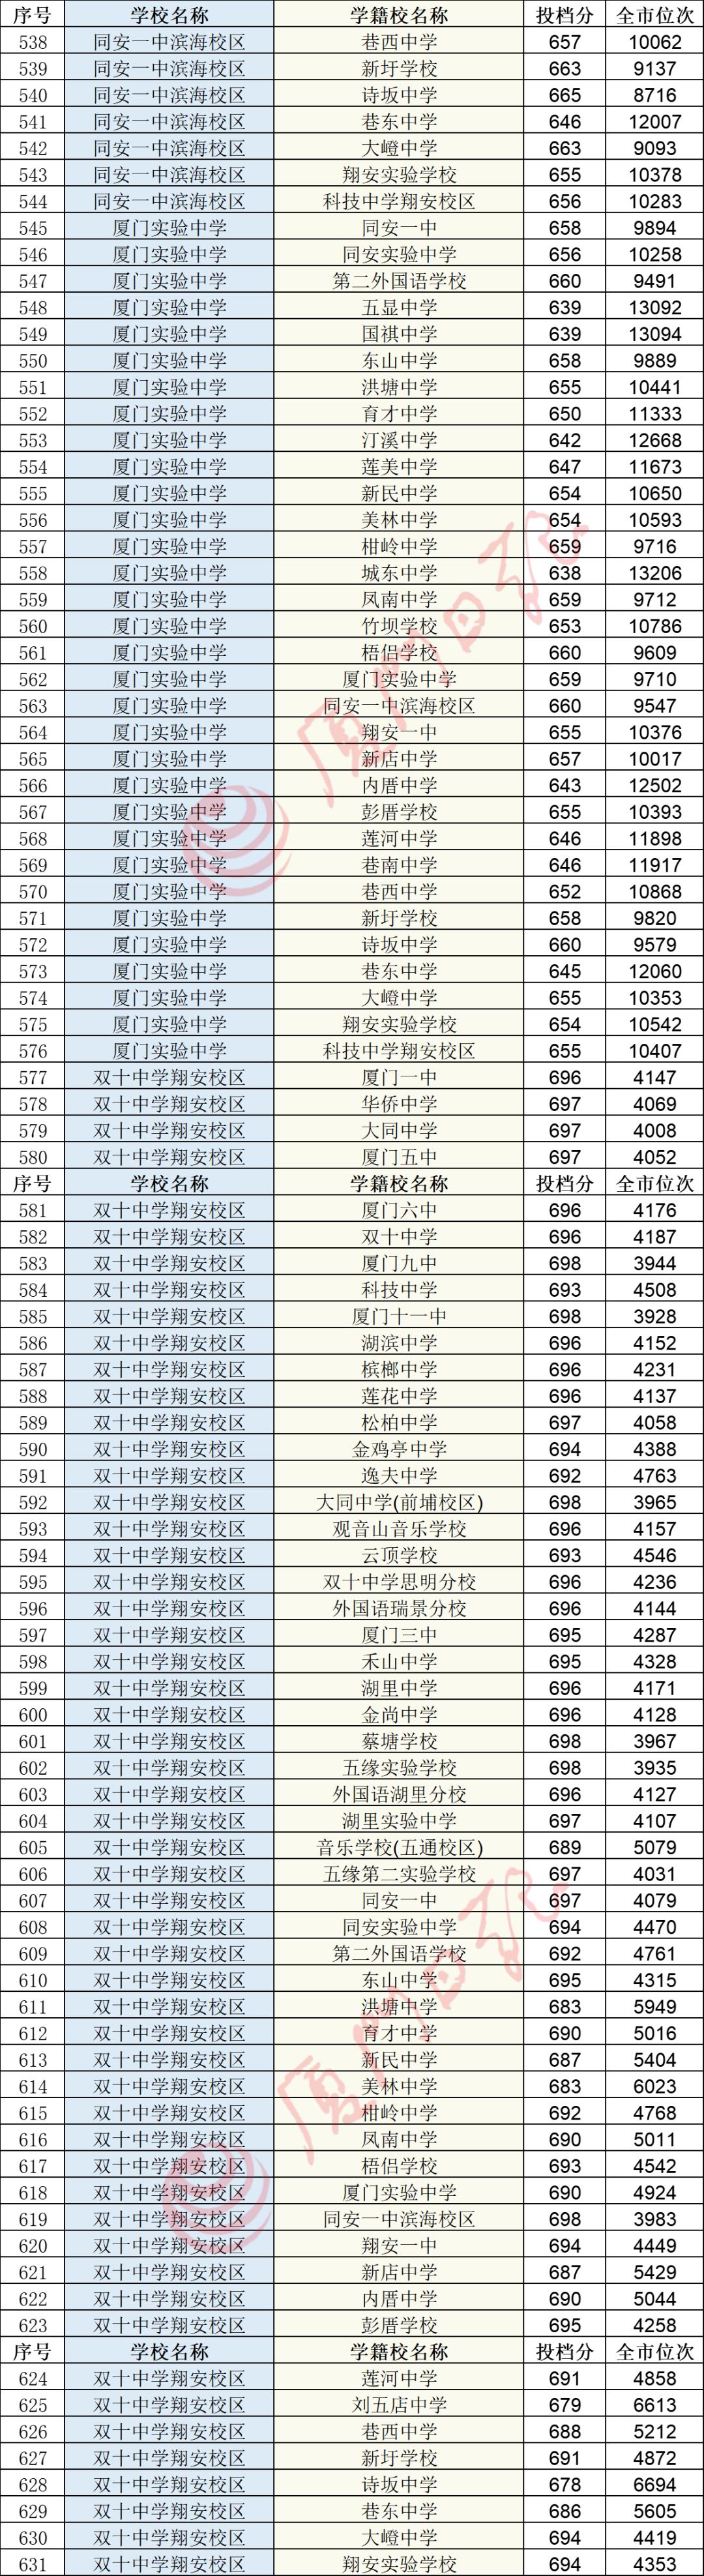 快讯!厦门中招普高最低投档分数线和位次公布!厦门一中728分,双十726分,外国语722分!还有……